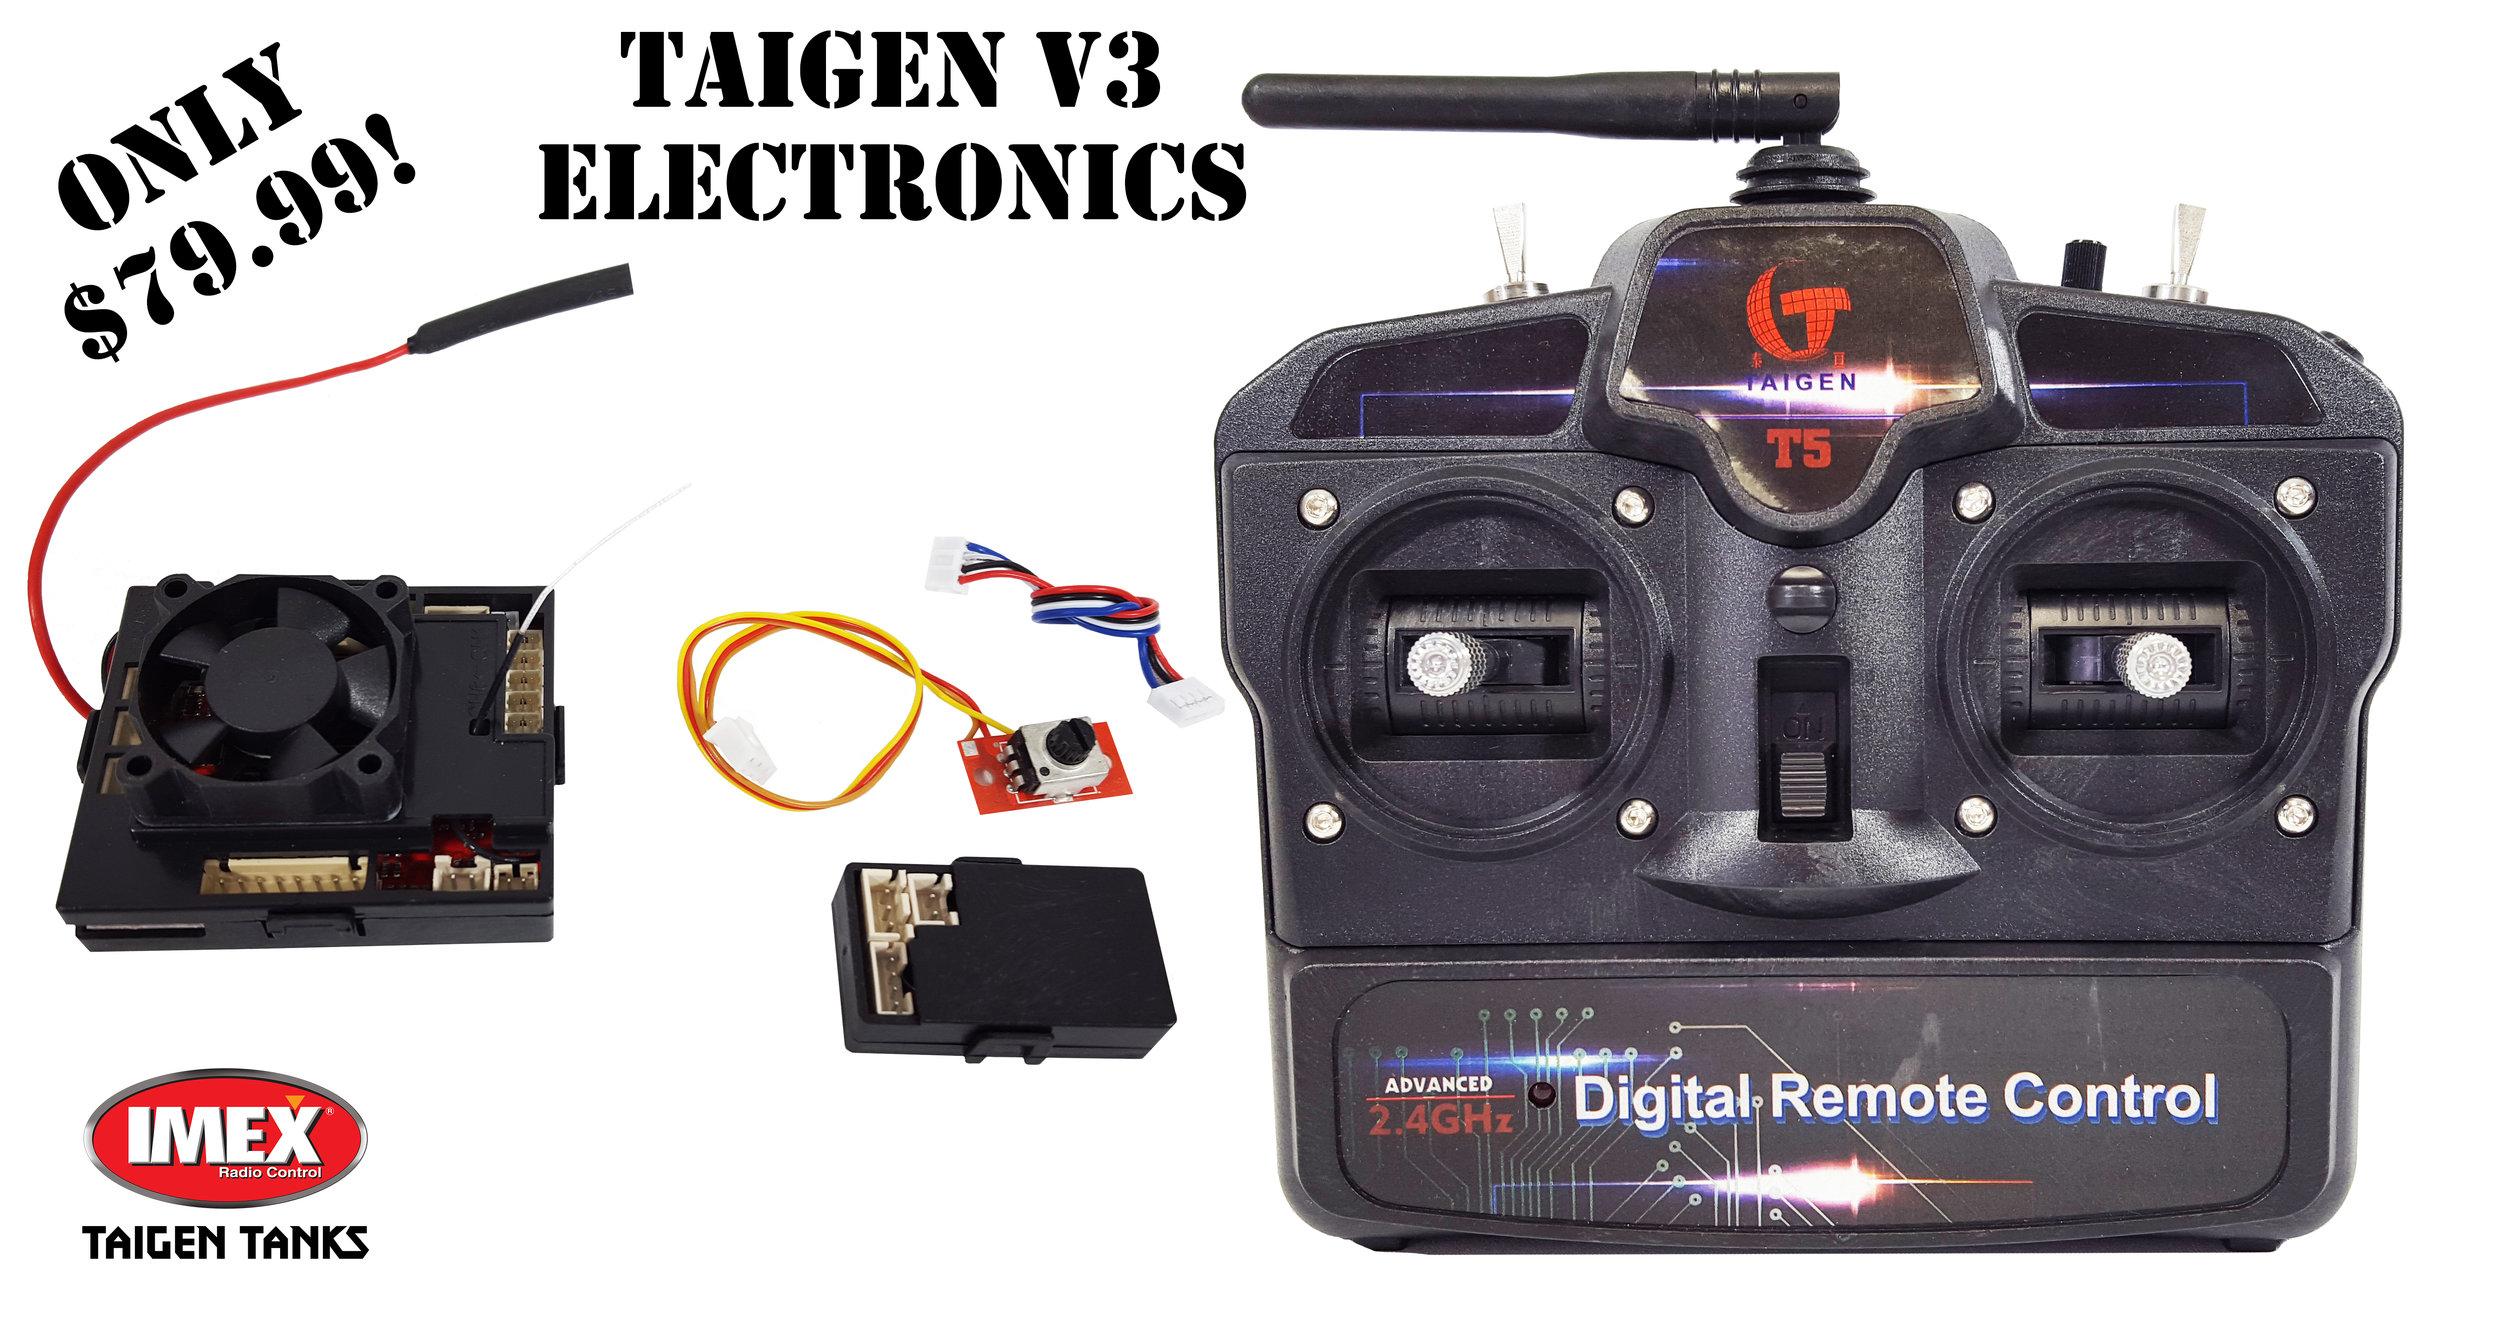 Taigen V3 2.4GHz Motherboard, Transmitter, & Sound Card Combo